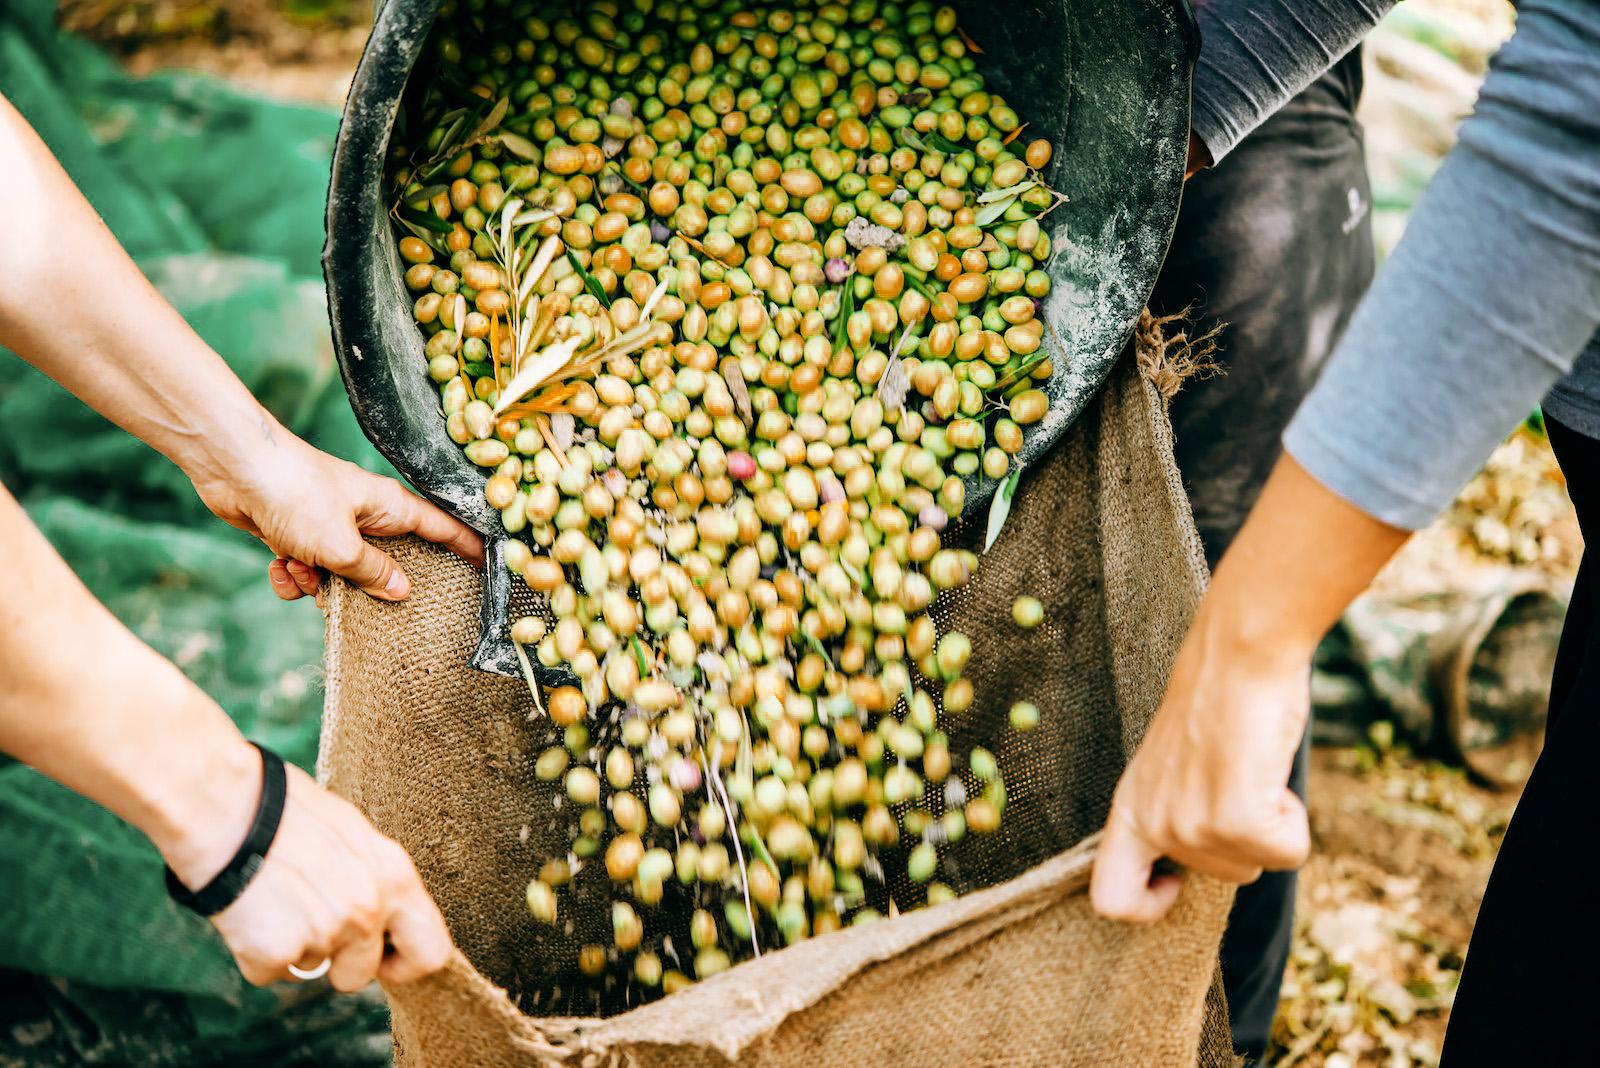 Гастротуризм в Европе: путешествия к еде Гастротуризм в Европе: путешествия к еде olive farm